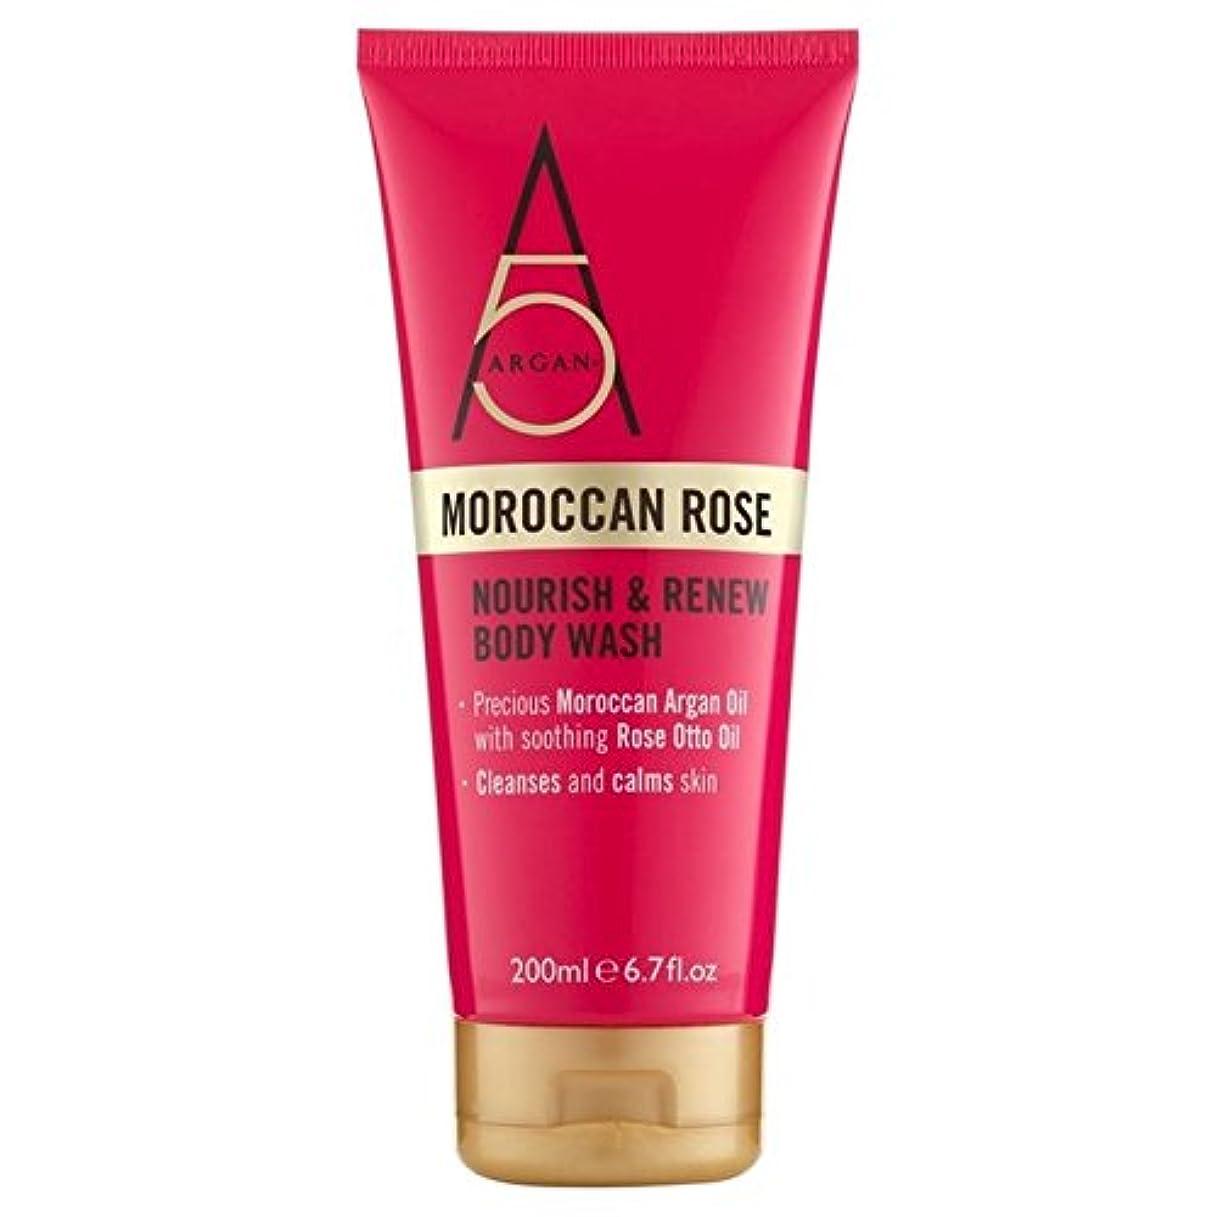 こだわり粒名前Argan+ Moroccan Rose Body Wash 300ml - アルガン+モロッコは、ボディウォッシュ300ミリリットルをバラ [並行輸入品]